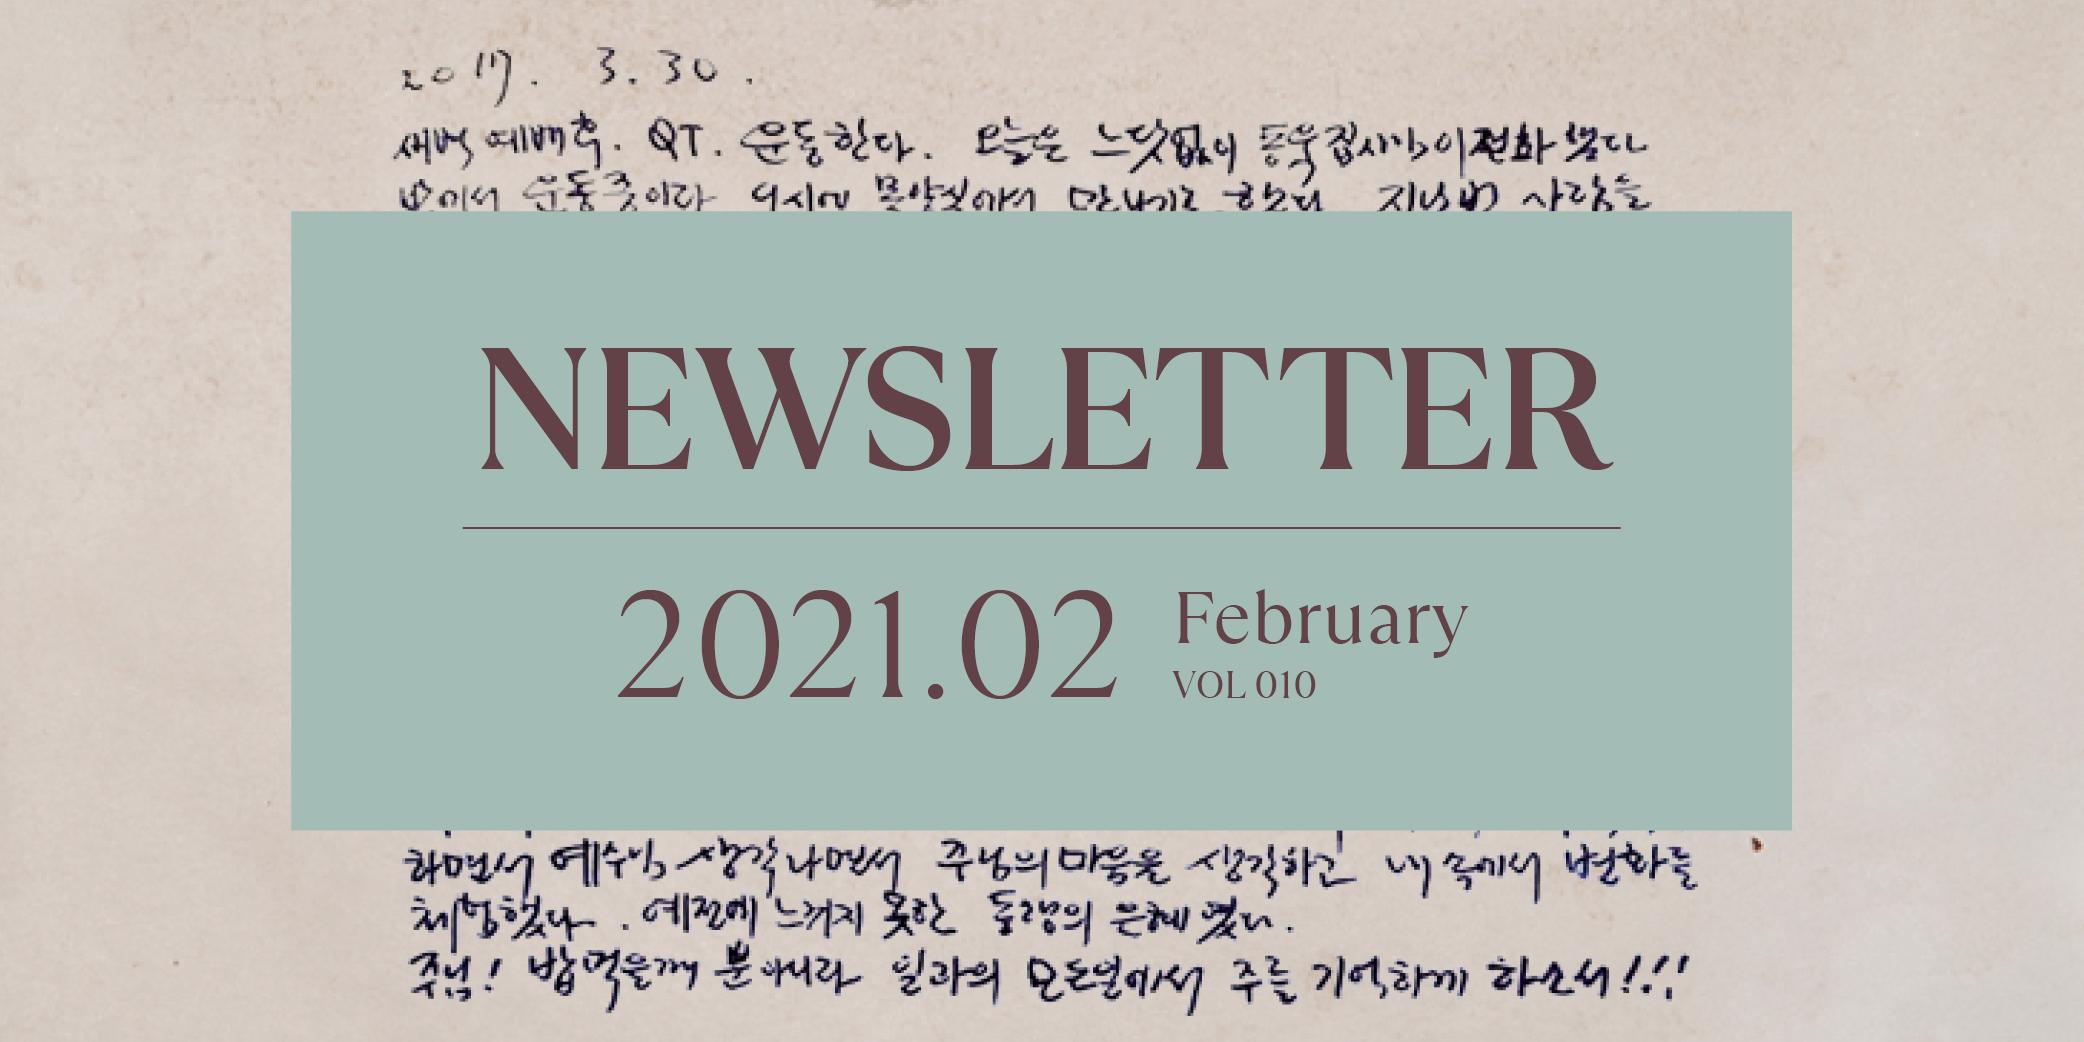 예수동행편지 2021년 2월호